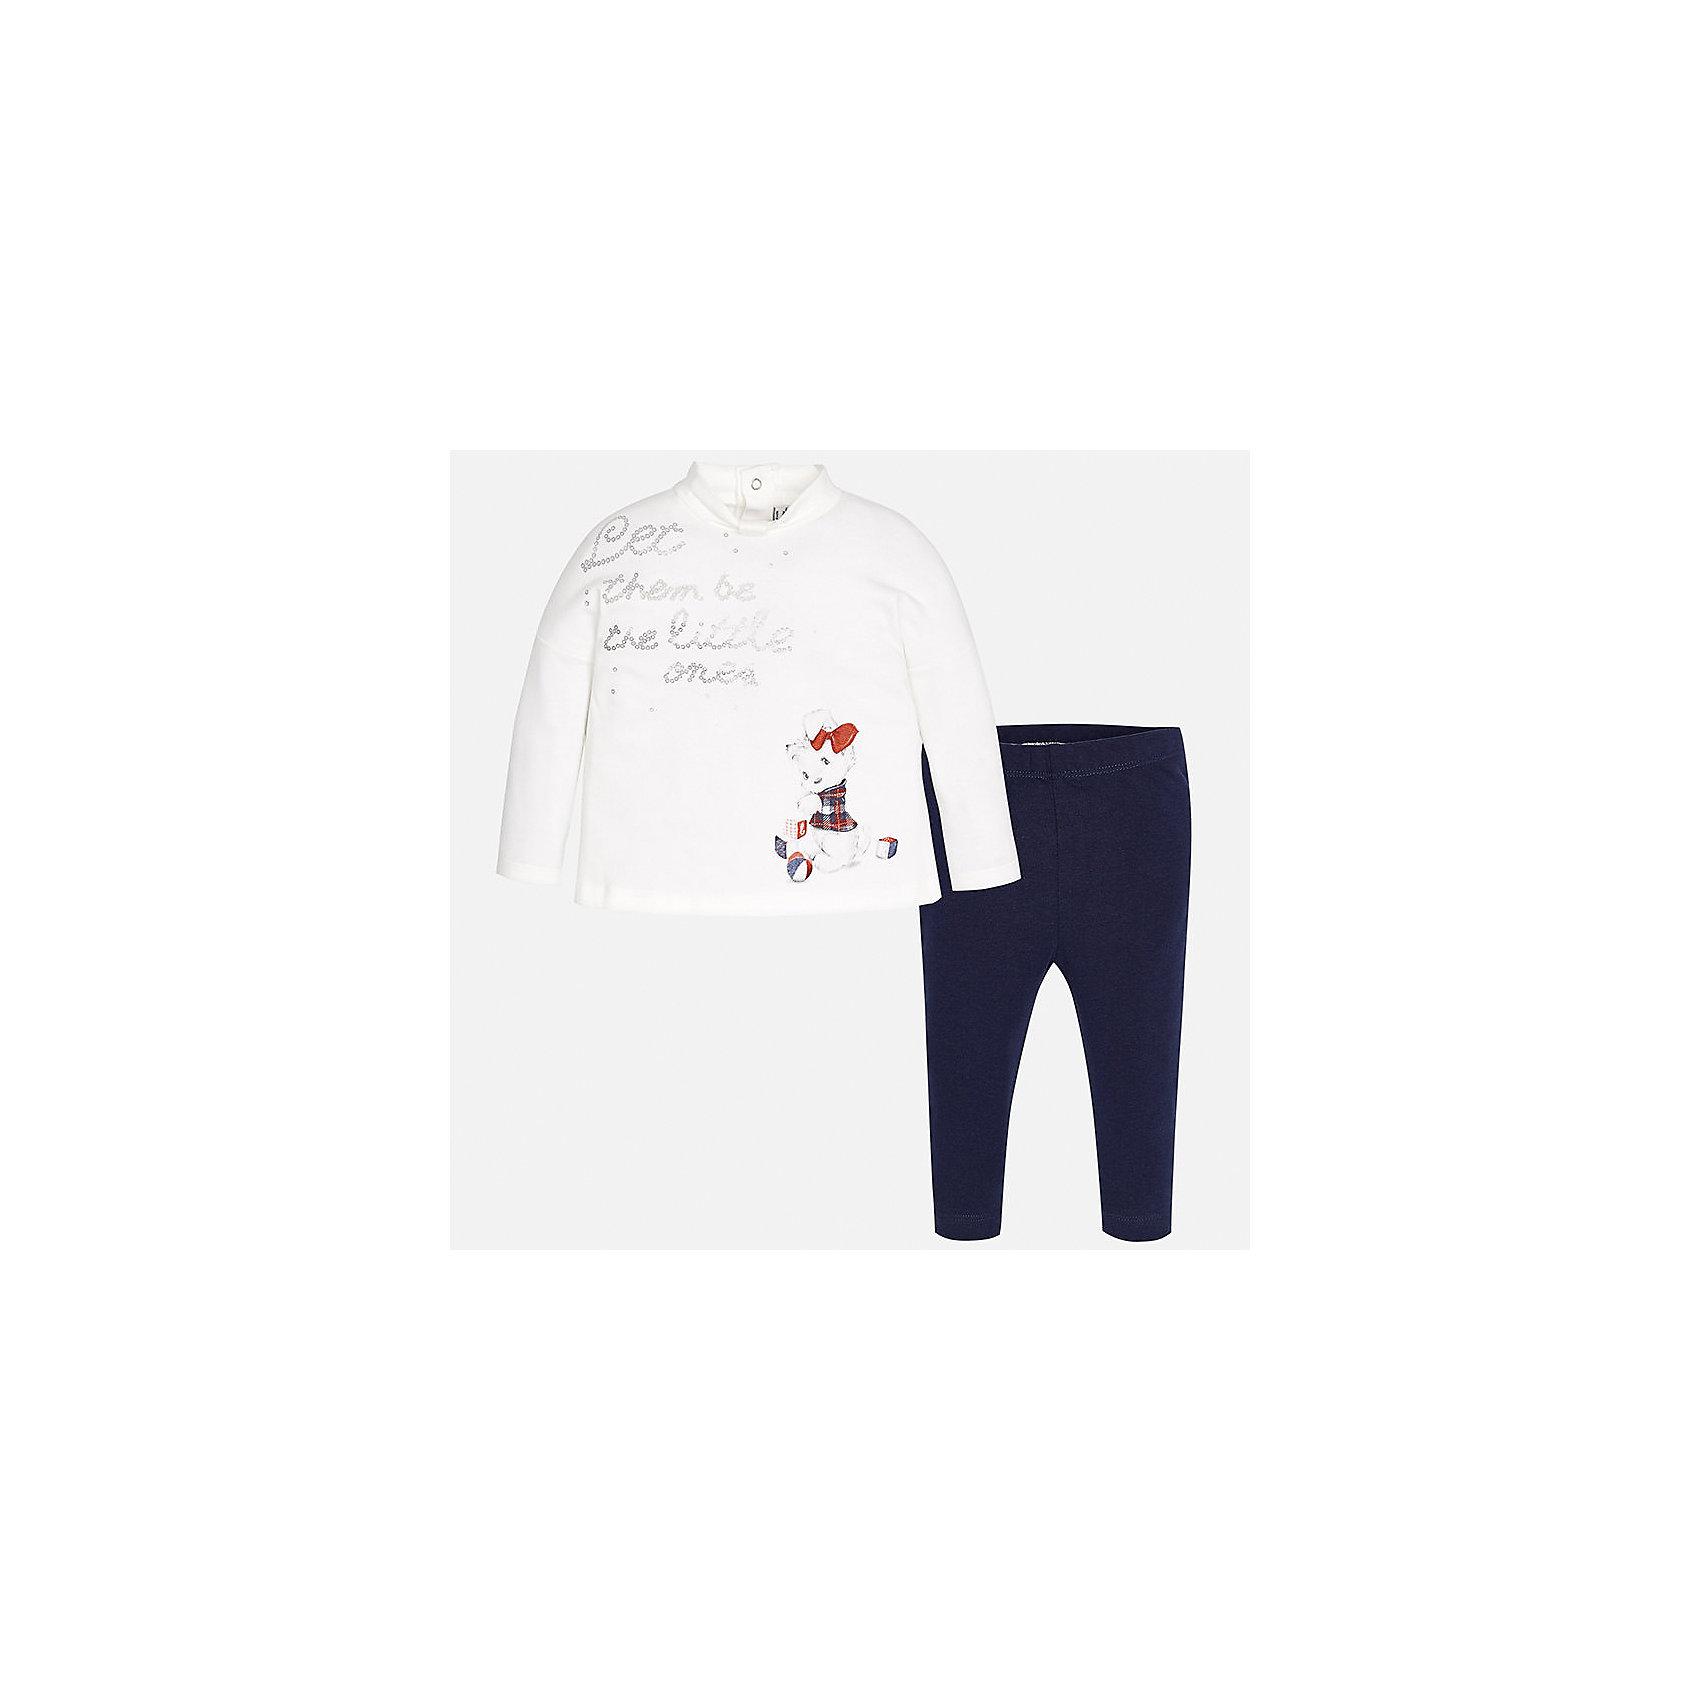 Комплект: футболка с длинным рукавом и леггинсы Mayoral для девочкиКомплекты<br>Характеристики товара:<br><br>• цвет: синий, белый<br>• состав ткани: 95% хлопок, 5% эластан<br>• комплект: лонгслив и леггинсы<br>• сезон: демисезон<br>• особенности: принт<br>• пояс: резинка<br>• длинные рукава<br>• застежка: кнопки<br>• страна бренда: Испания<br>• страна изготовитель: Индия<br><br>Лонгслив и леггинсы для девочки отлично сочетаются между собой, а также с другими вещами. Такой практичный и модный детский комплект из лонгслива и леггинсов для девочки подойдет для любых мероприятий. Детские леггинсы сшиты из приятного на ощупь материала. Лонгслив для девочки Mayoral удобно сидит по фигуре. <br><br>Комплект: лонгслив и леггинсы для девочкиMayoral (Майорал) можно купить в нашем интернет-магазине.<br><br>Ширина мм: 123<br>Глубина мм: 10<br>Высота мм: 149<br>Вес г: 209<br>Цвет: синий<br>Возраст от месяцев: 24<br>Возраст до месяцев: 36<br>Пол: Женский<br>Возраст: Детский<br>Размер: 98,74,80,86,92<br>SKU: 6920410